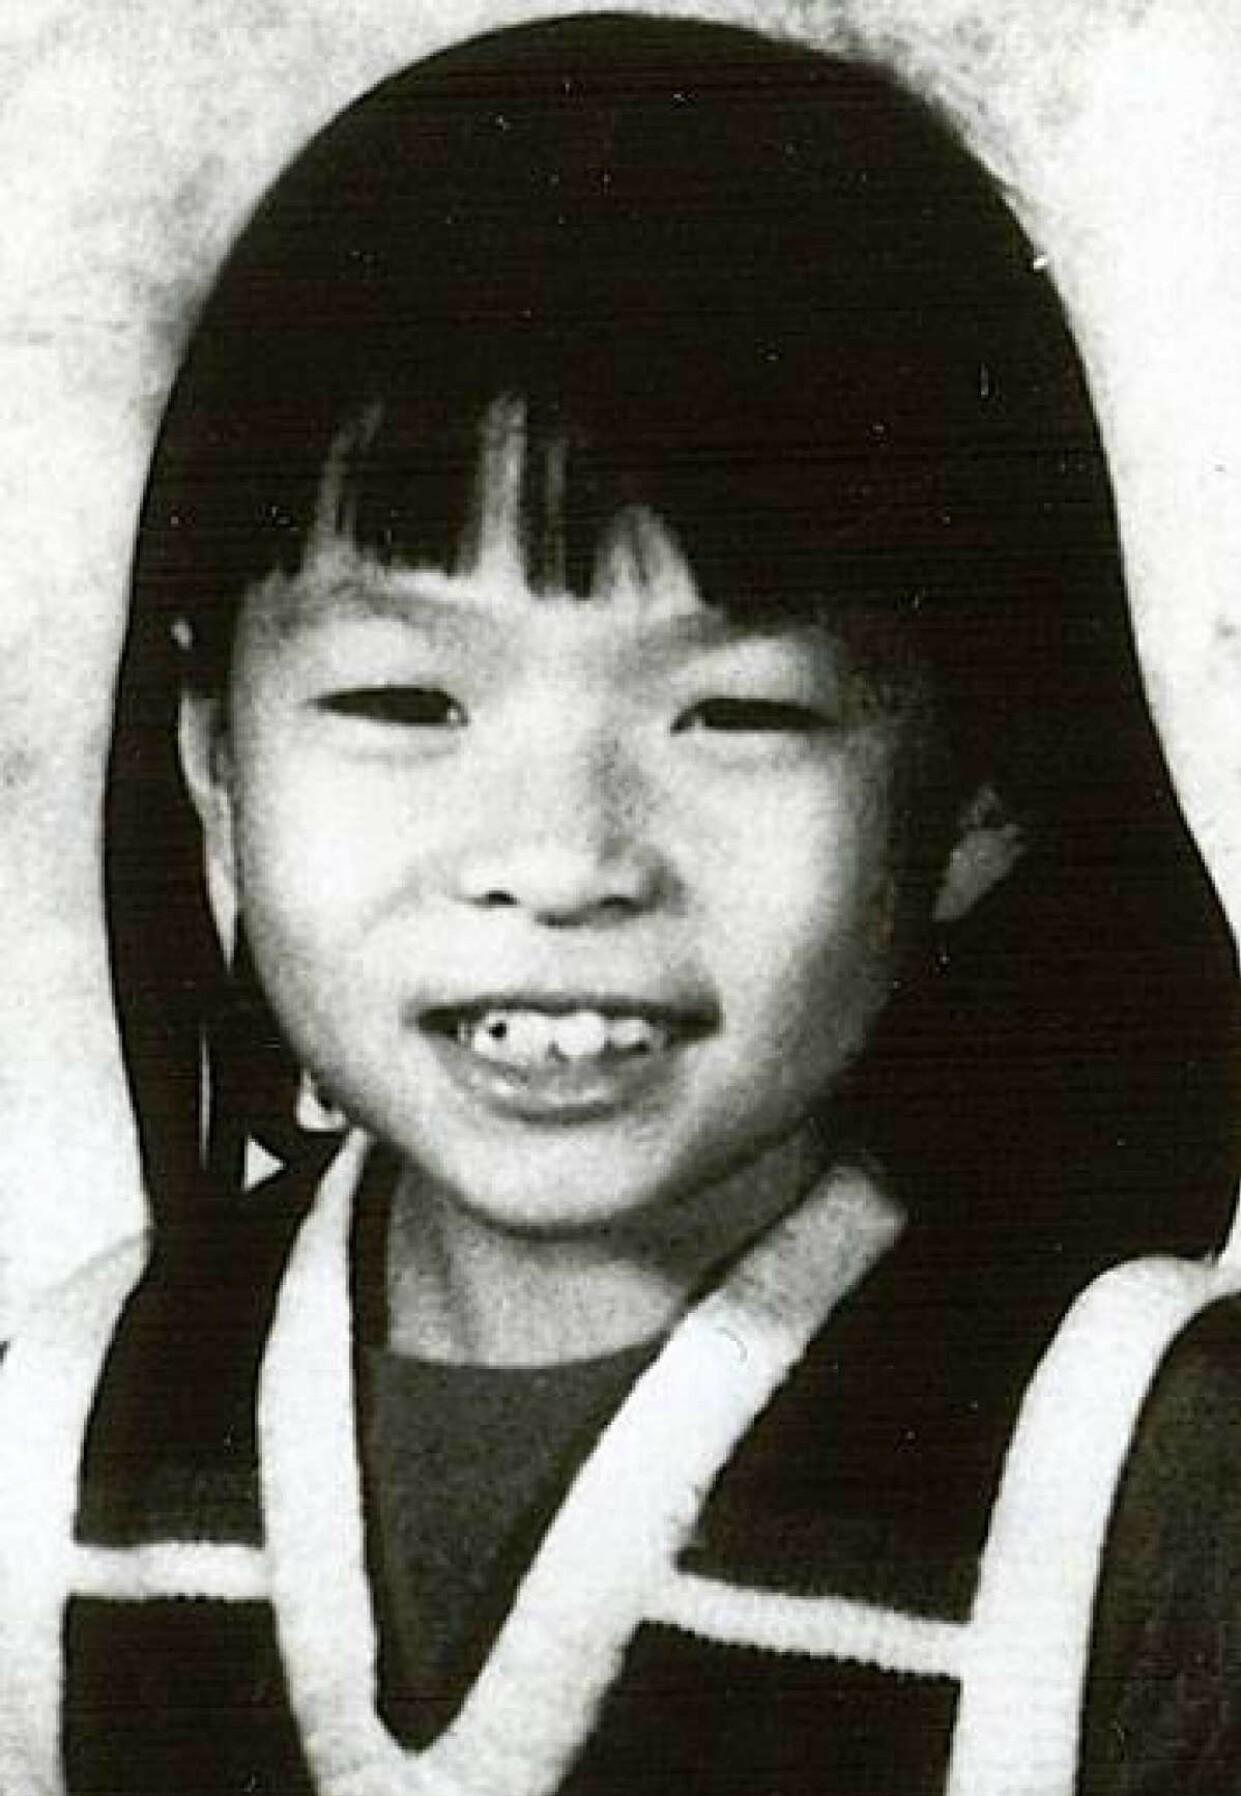 UTENKELIG SKJEBNE: Mei Leung var seriemorder Richard Ramirez' første offer. Det skulle ta 25 år før familien fikk svar på hvem som drepte den lille jenta. FOTO: Skjermdump